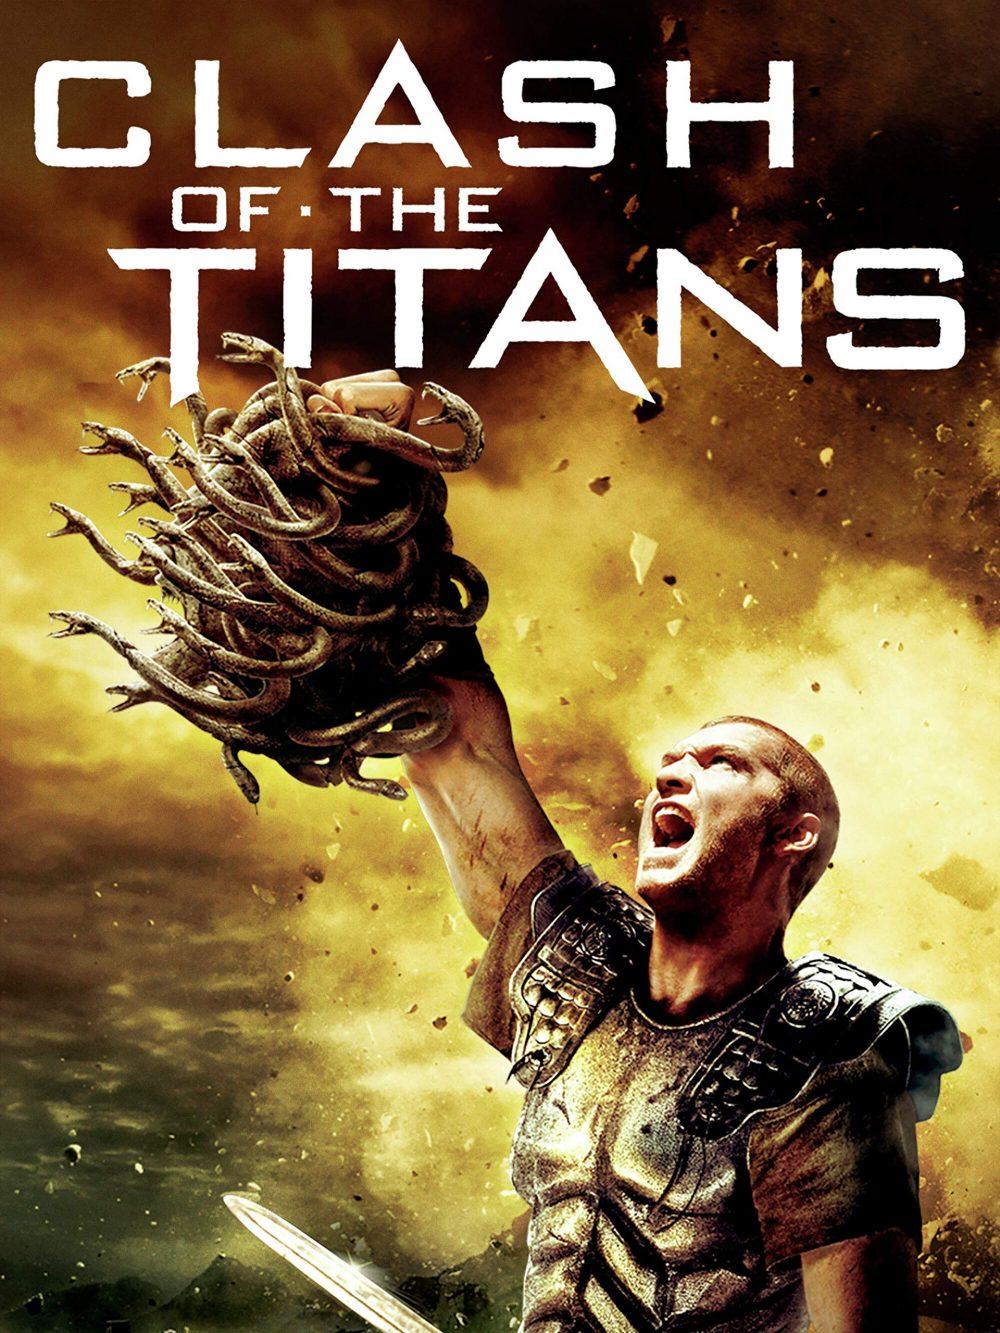 Clash of the Titans - Cuộc chiến giữa các vị thần (2010)